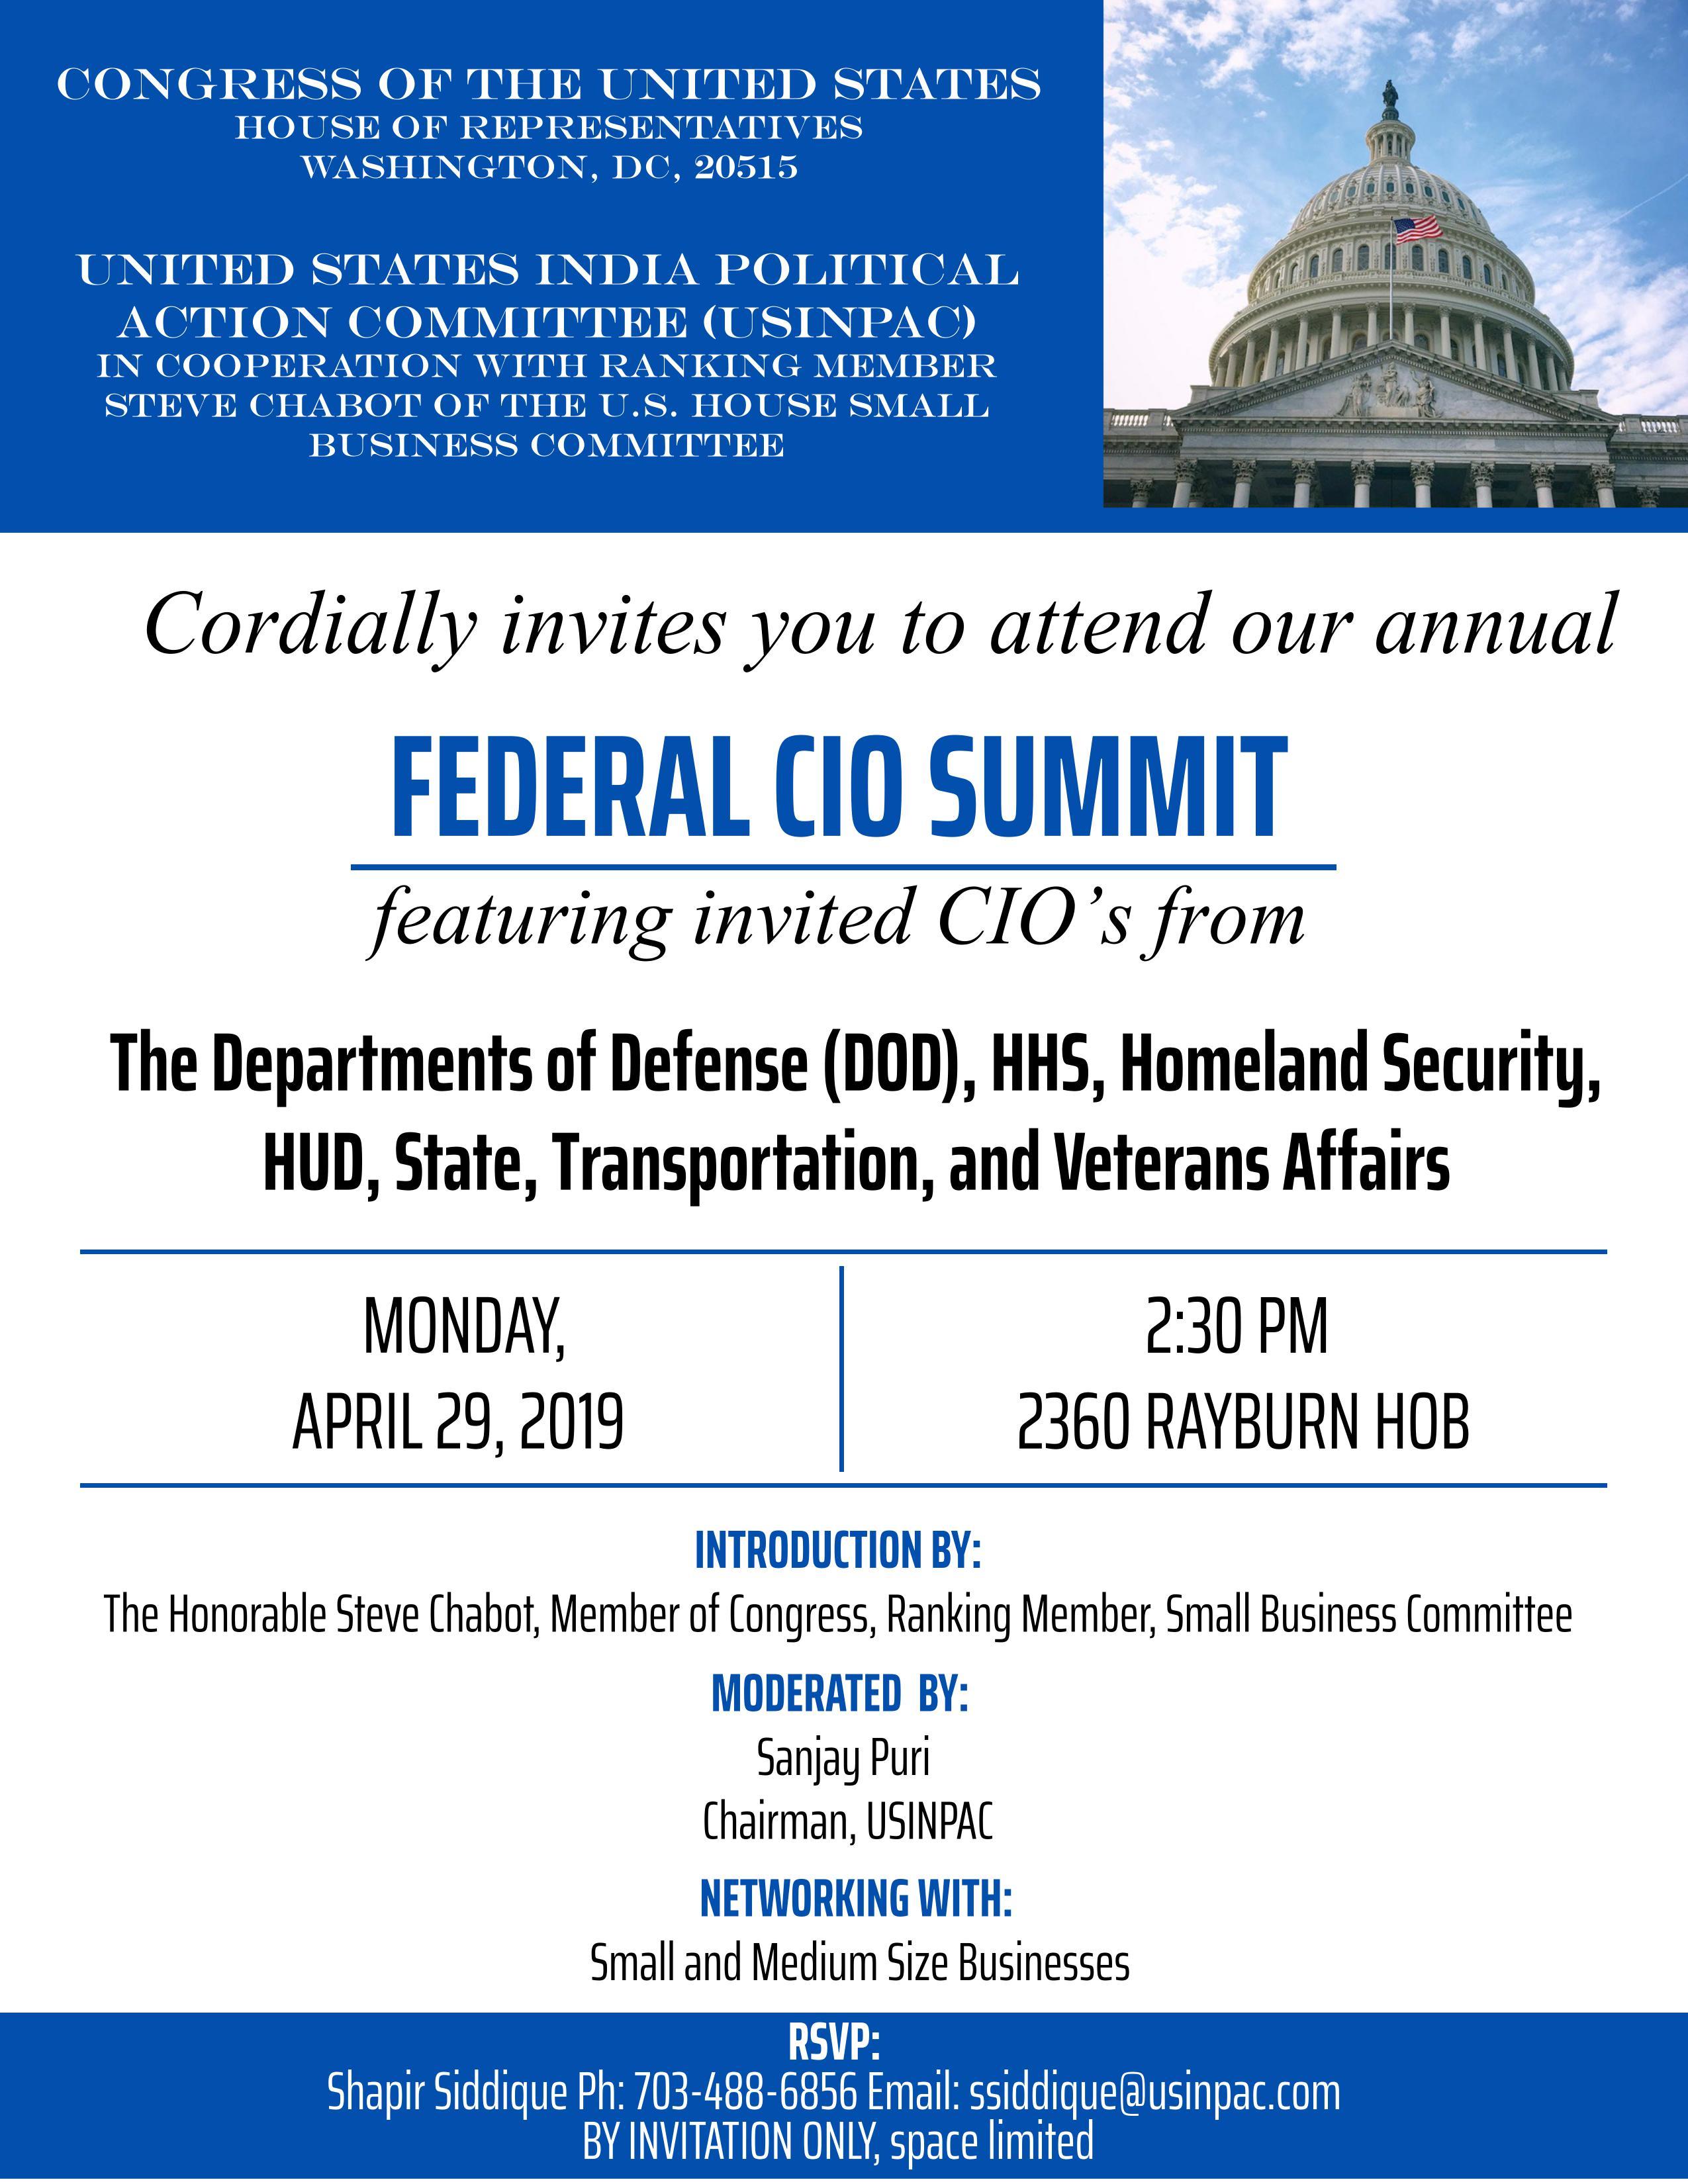 Federal CIO Summit